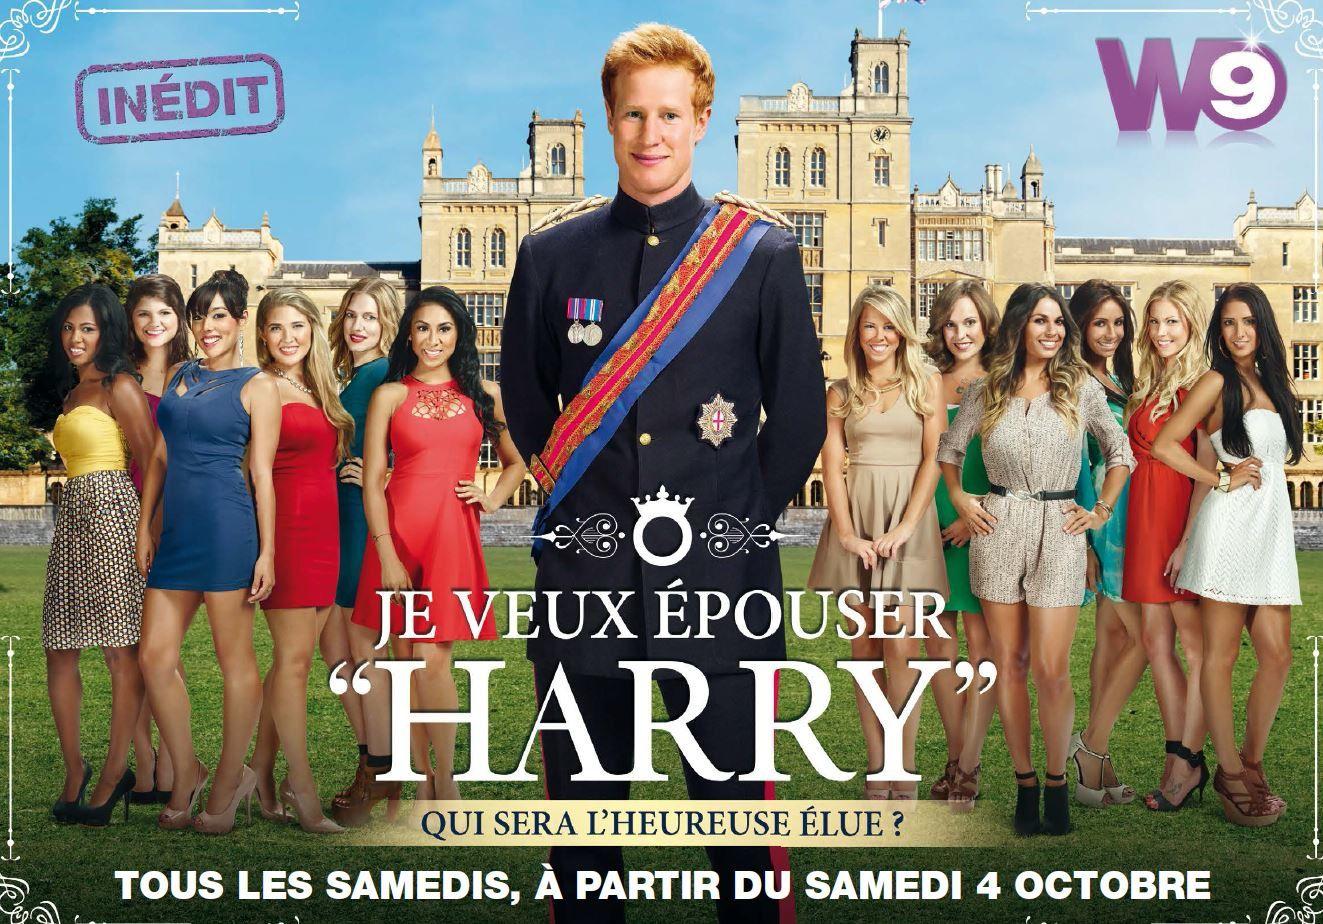 Flop : Je veux épouser Harry est déprogrammé de W9.